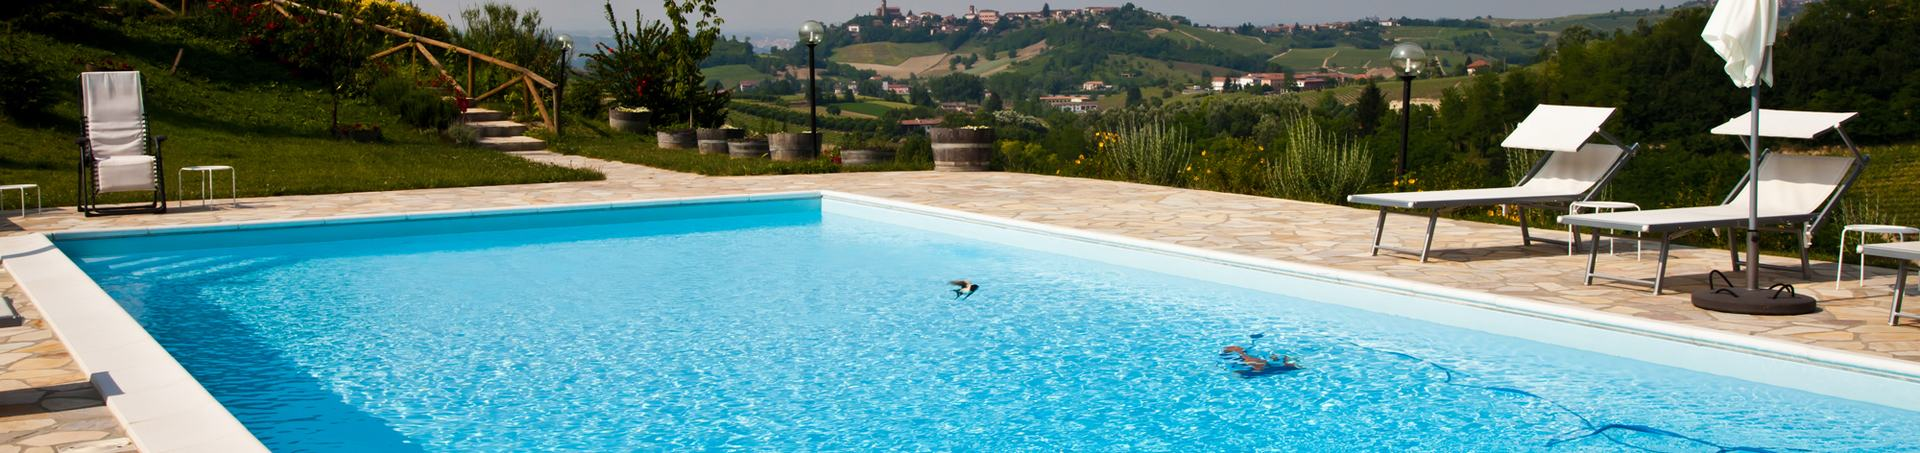 piscine sur-mesure